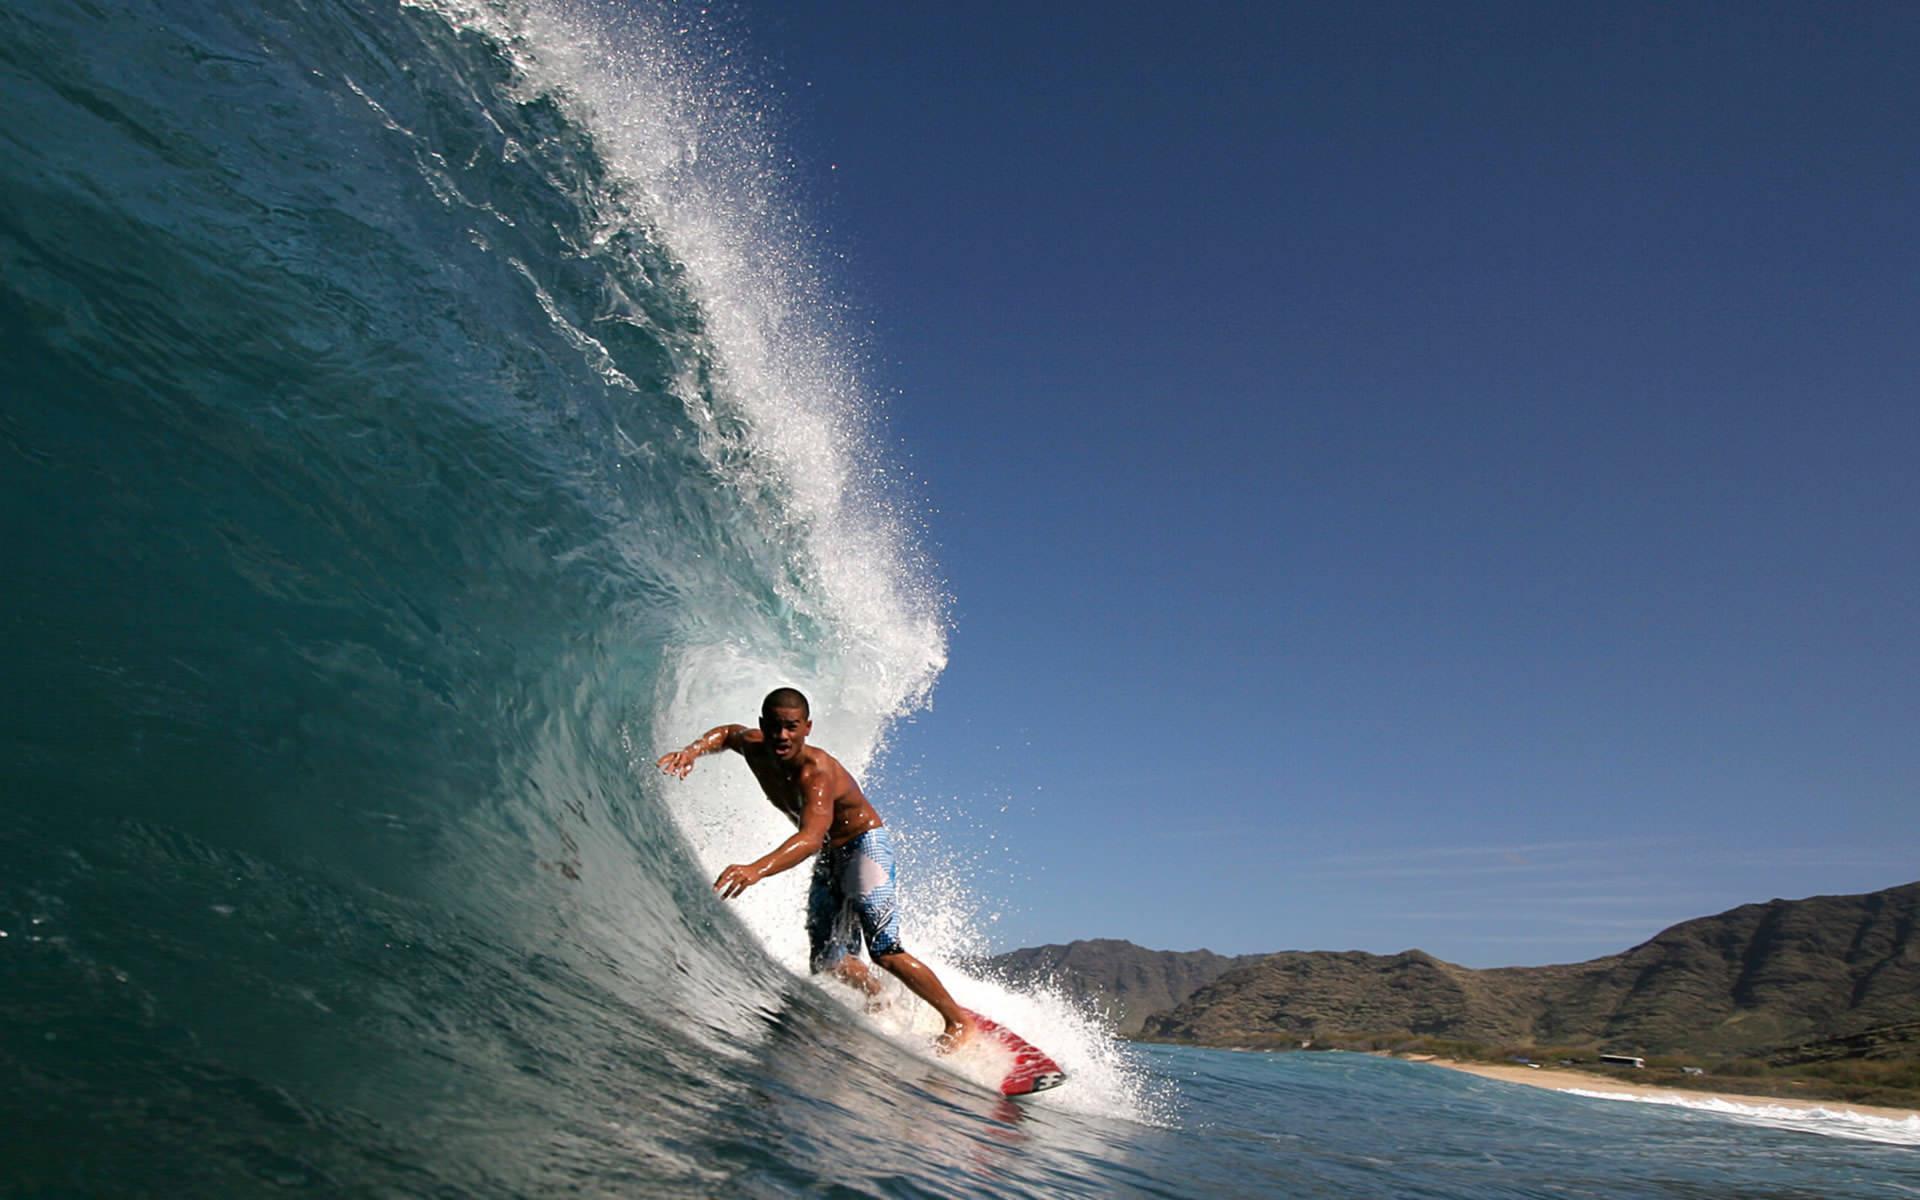 Surfing Desktop Background 1920x1200 1920x1200